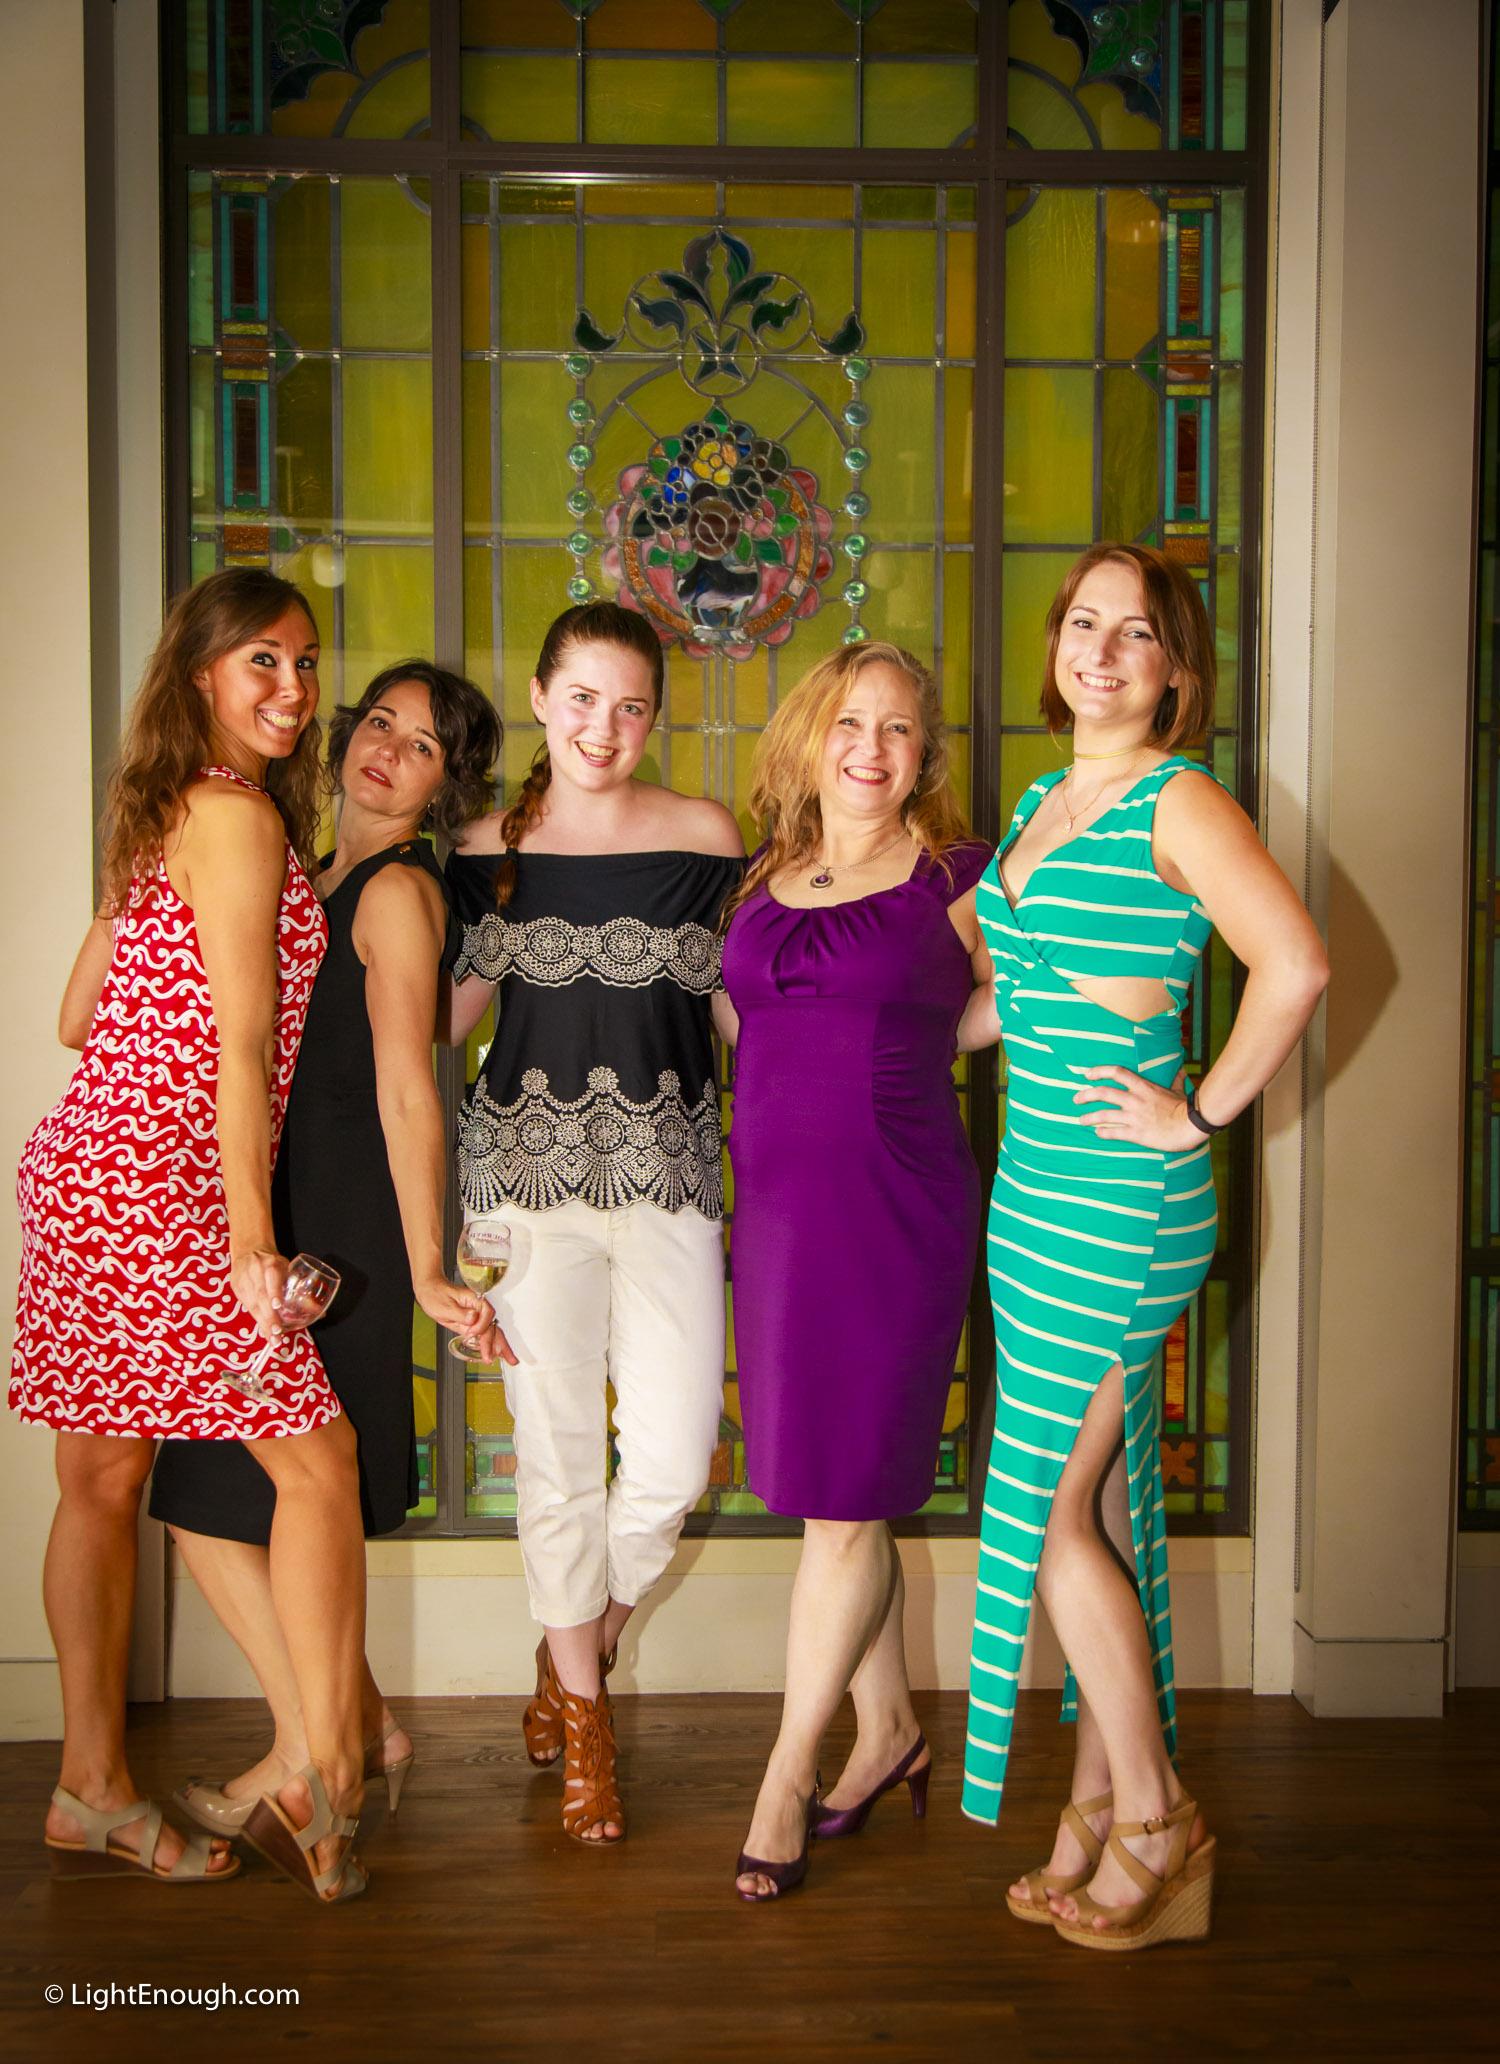 Jane Franklin Dance Co. Photos by John St Hilaire/LightEnough.com